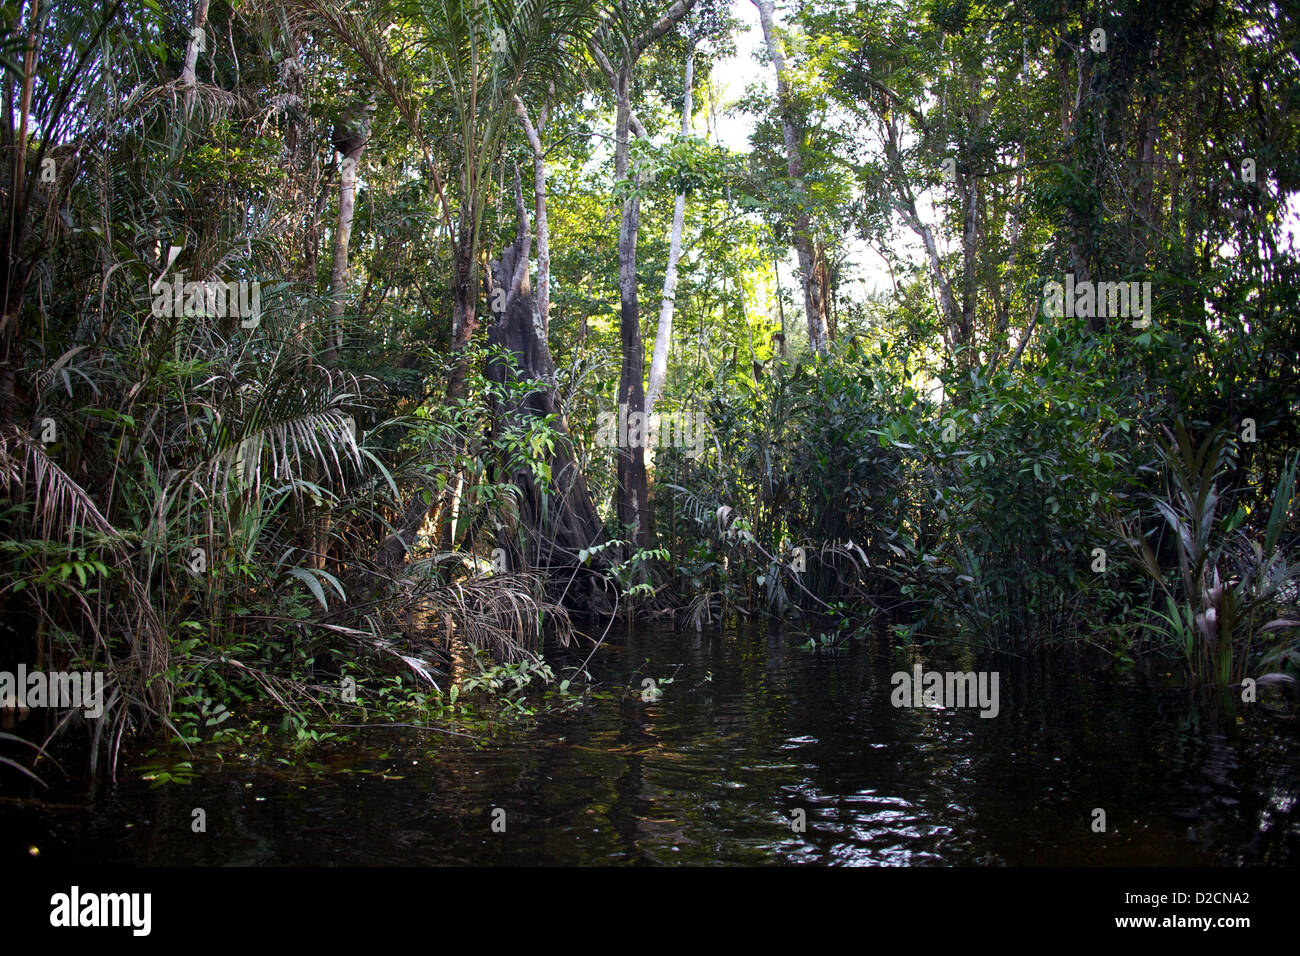 La selva amazónica desplazando hasta el borde del agua. Imagen De Stock